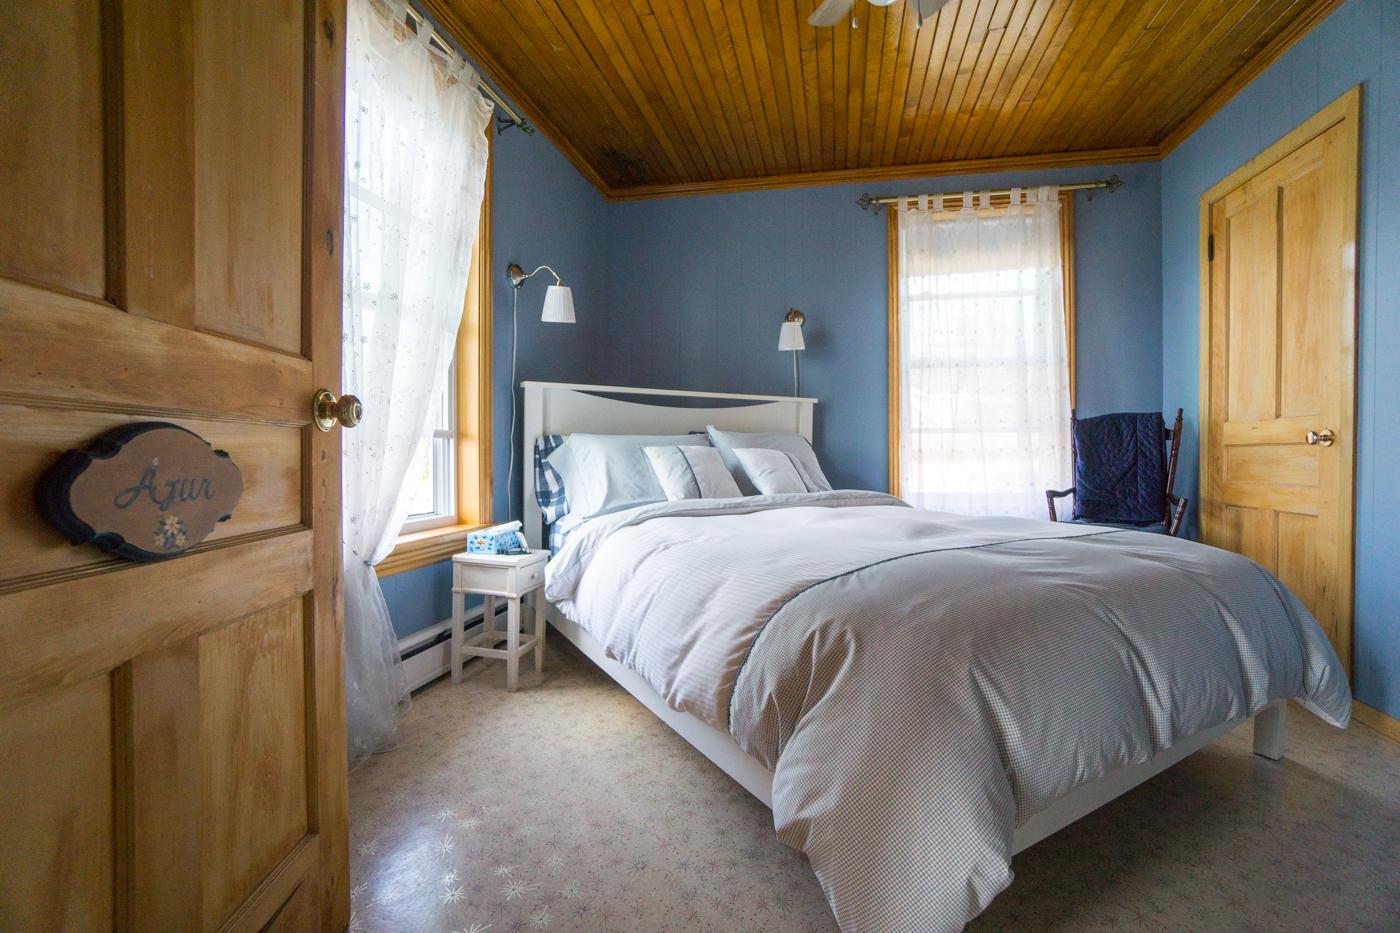 Auberge Haut bois dormant Autre chambre à coucher